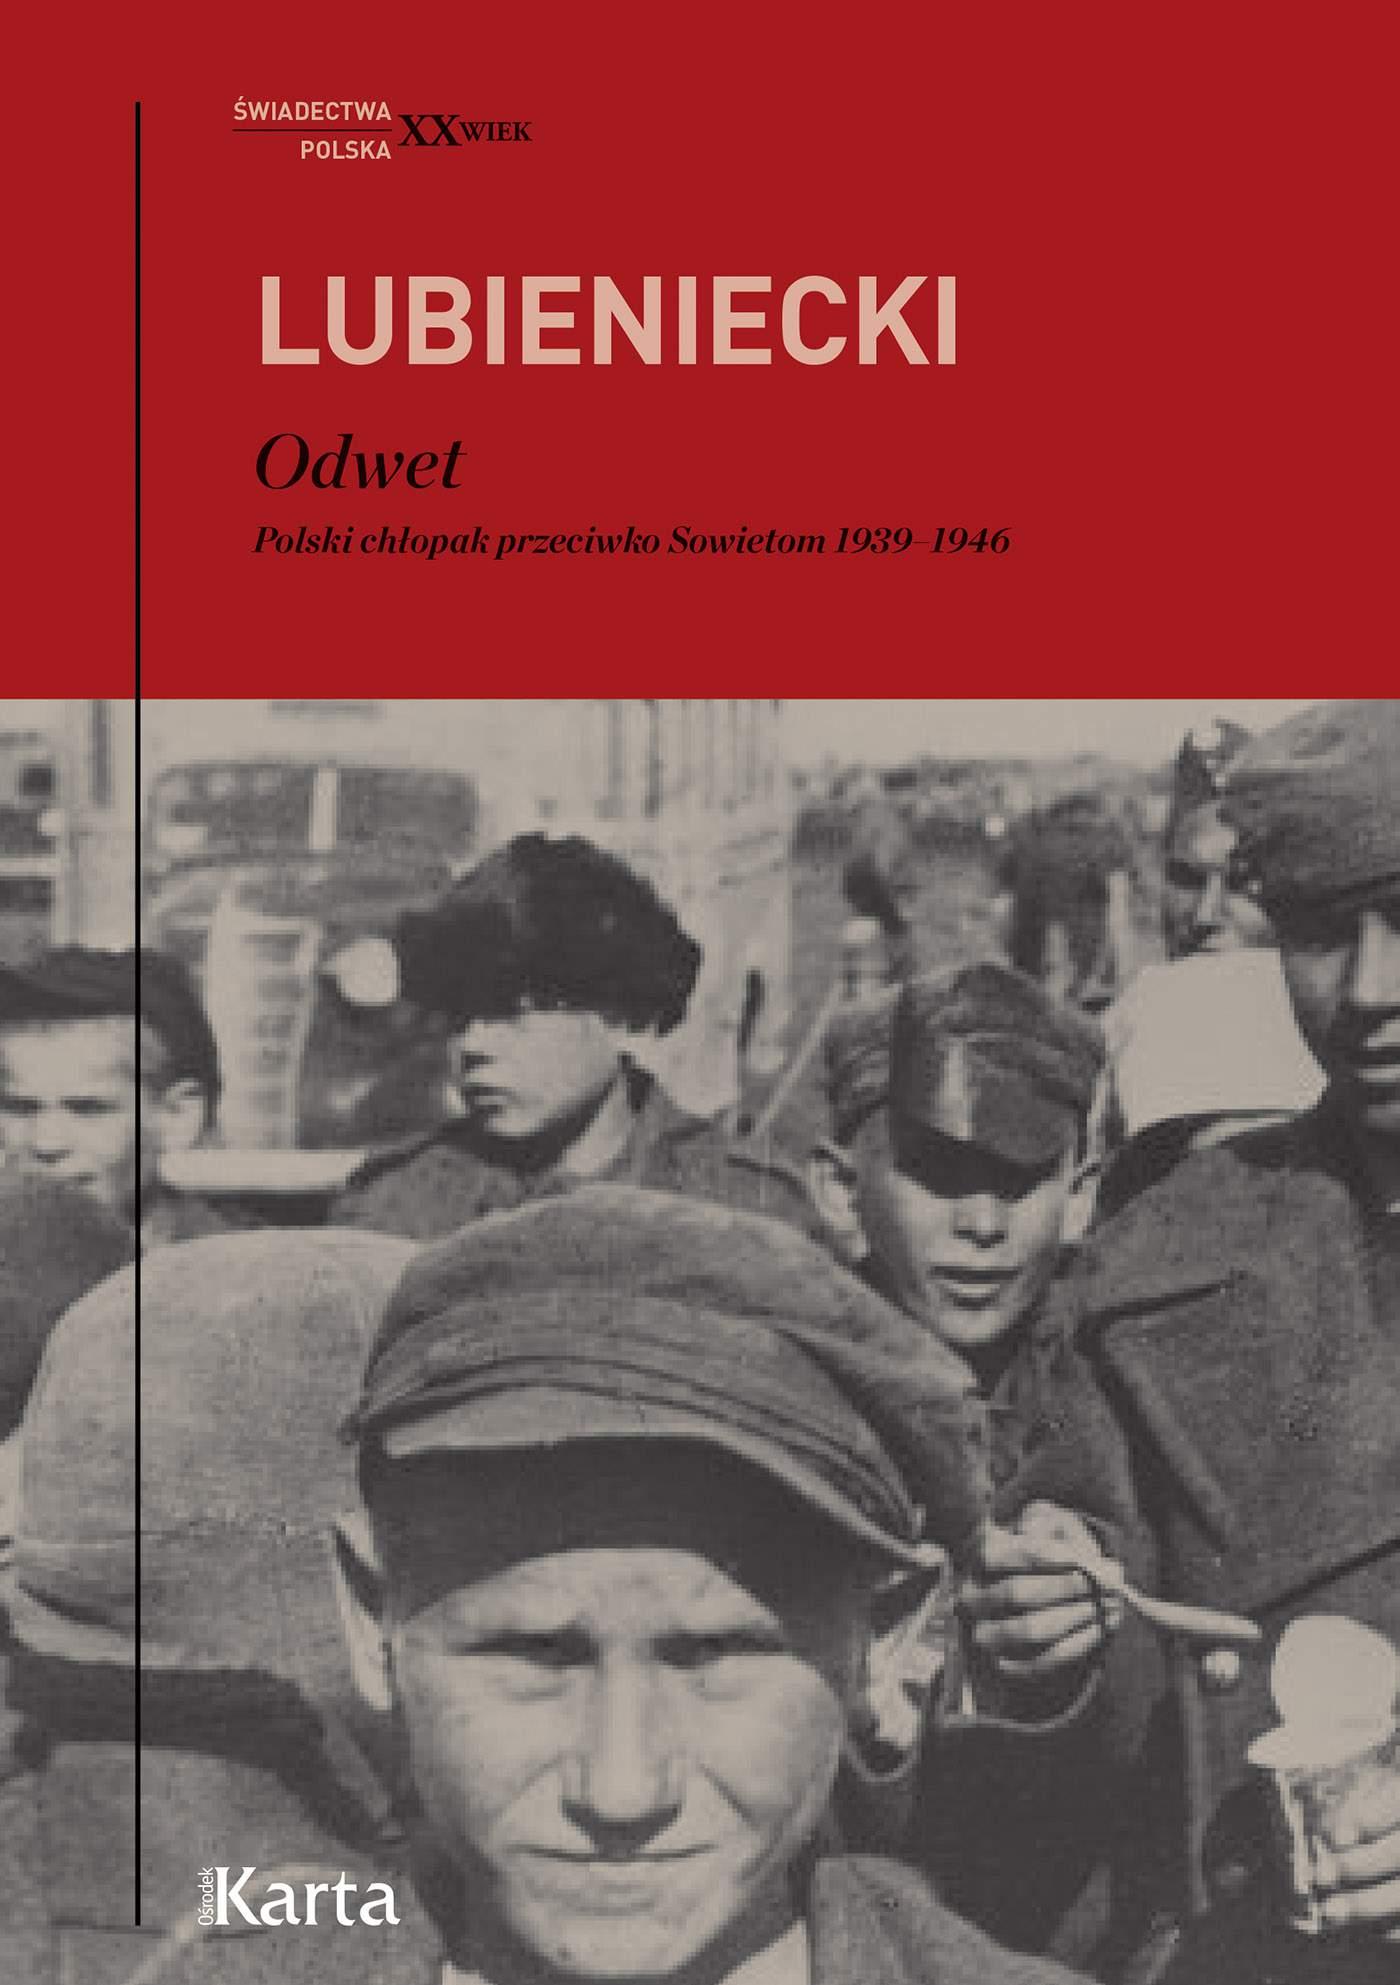 Odwet. Polski chłopak przeciwko Sowietom 1939–1946 - Ebook (Książka EPUB) do pobrania w formacie EPUB